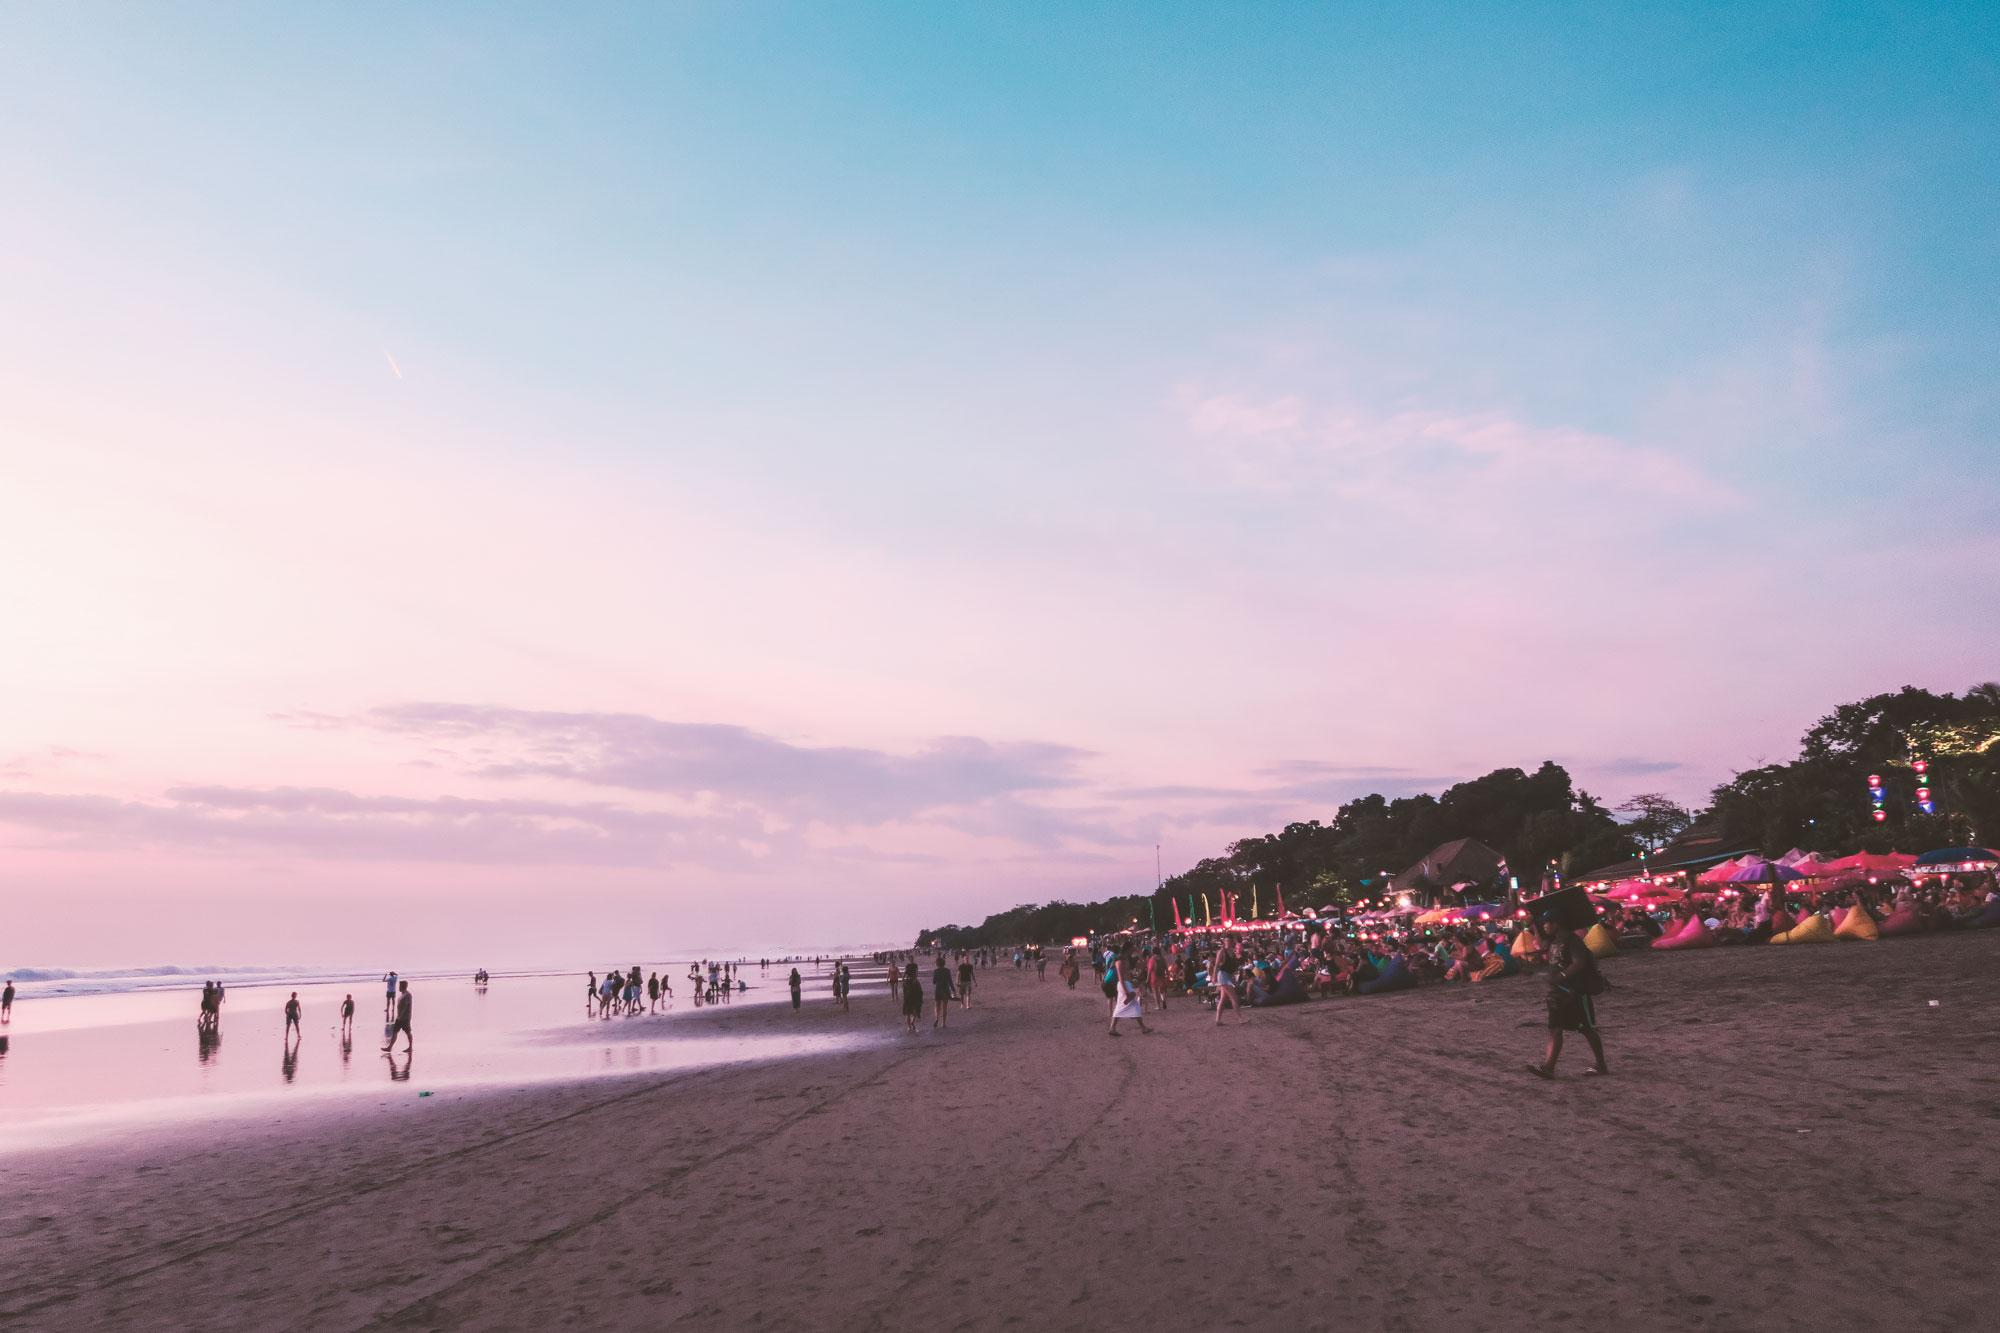 Sunset at Seminyak, Bali